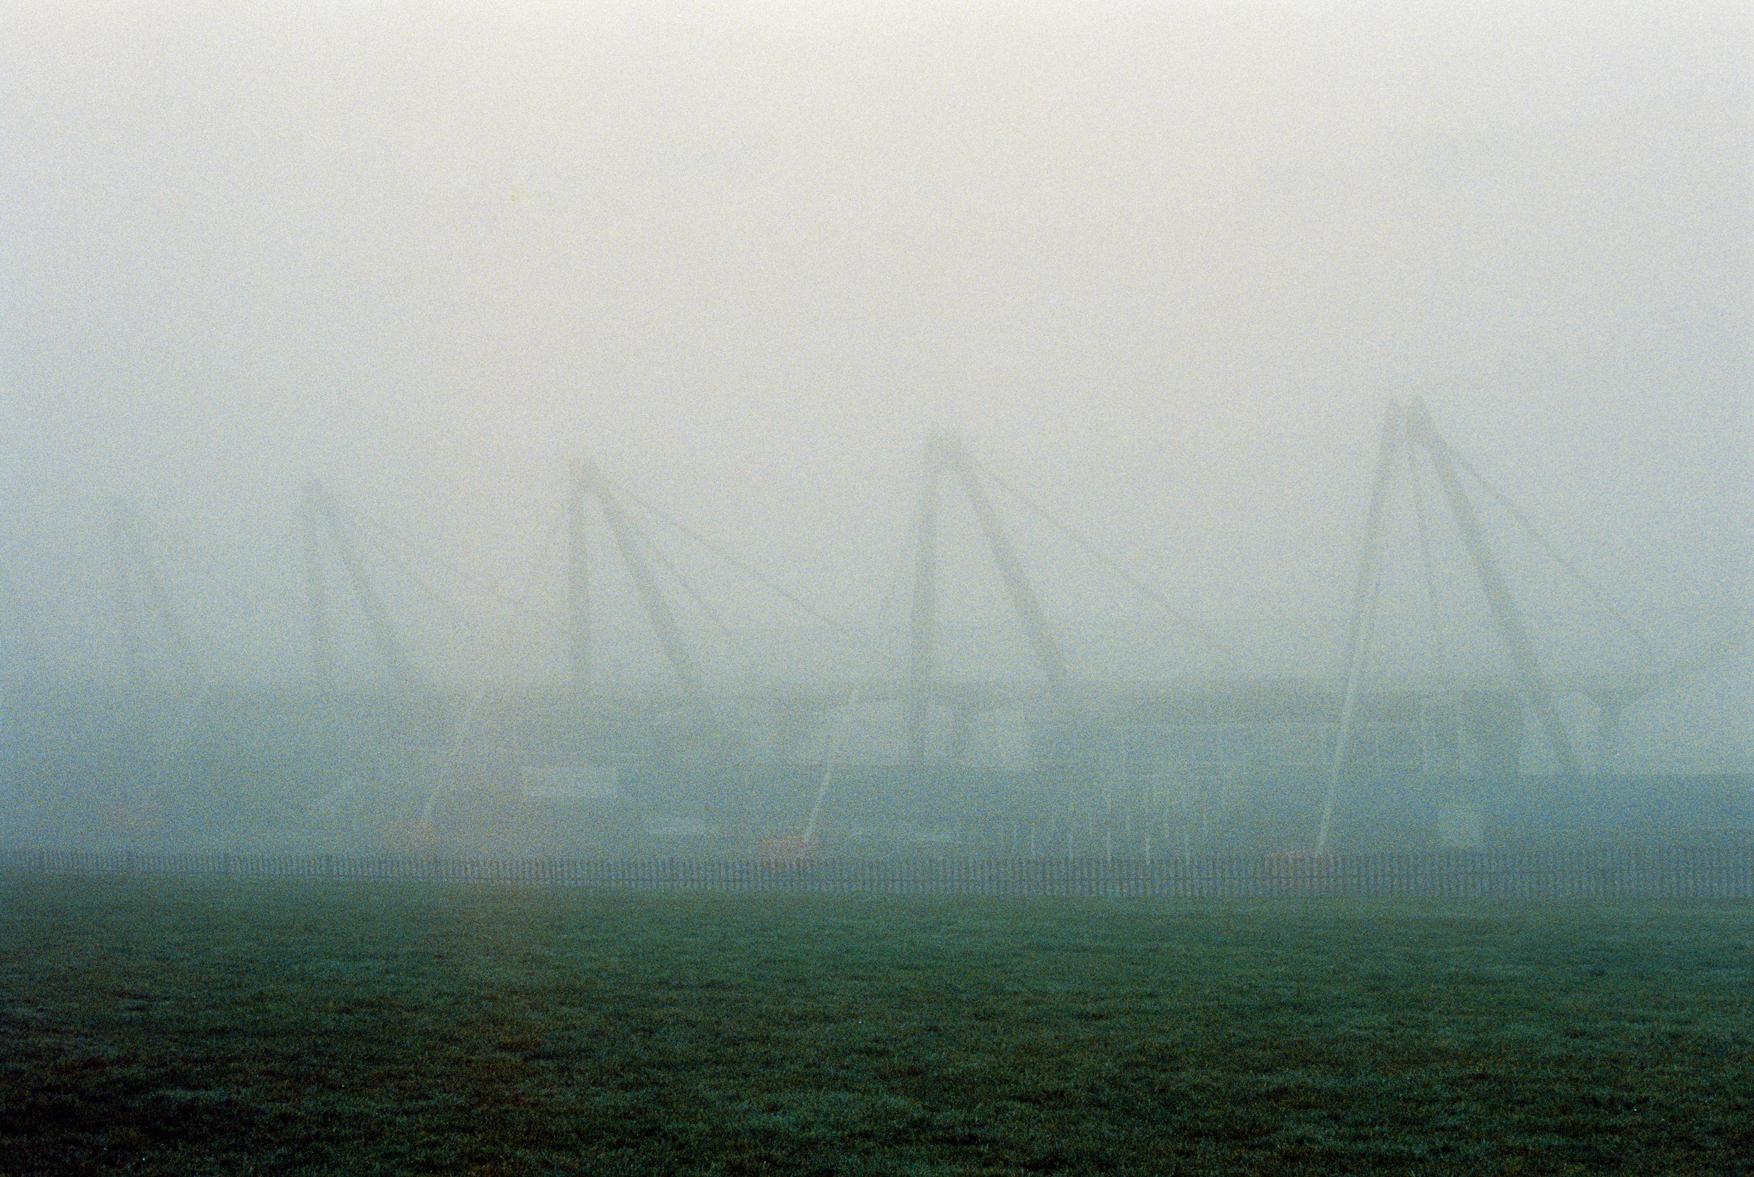 Crystal Palace by Dmitry Serostanov